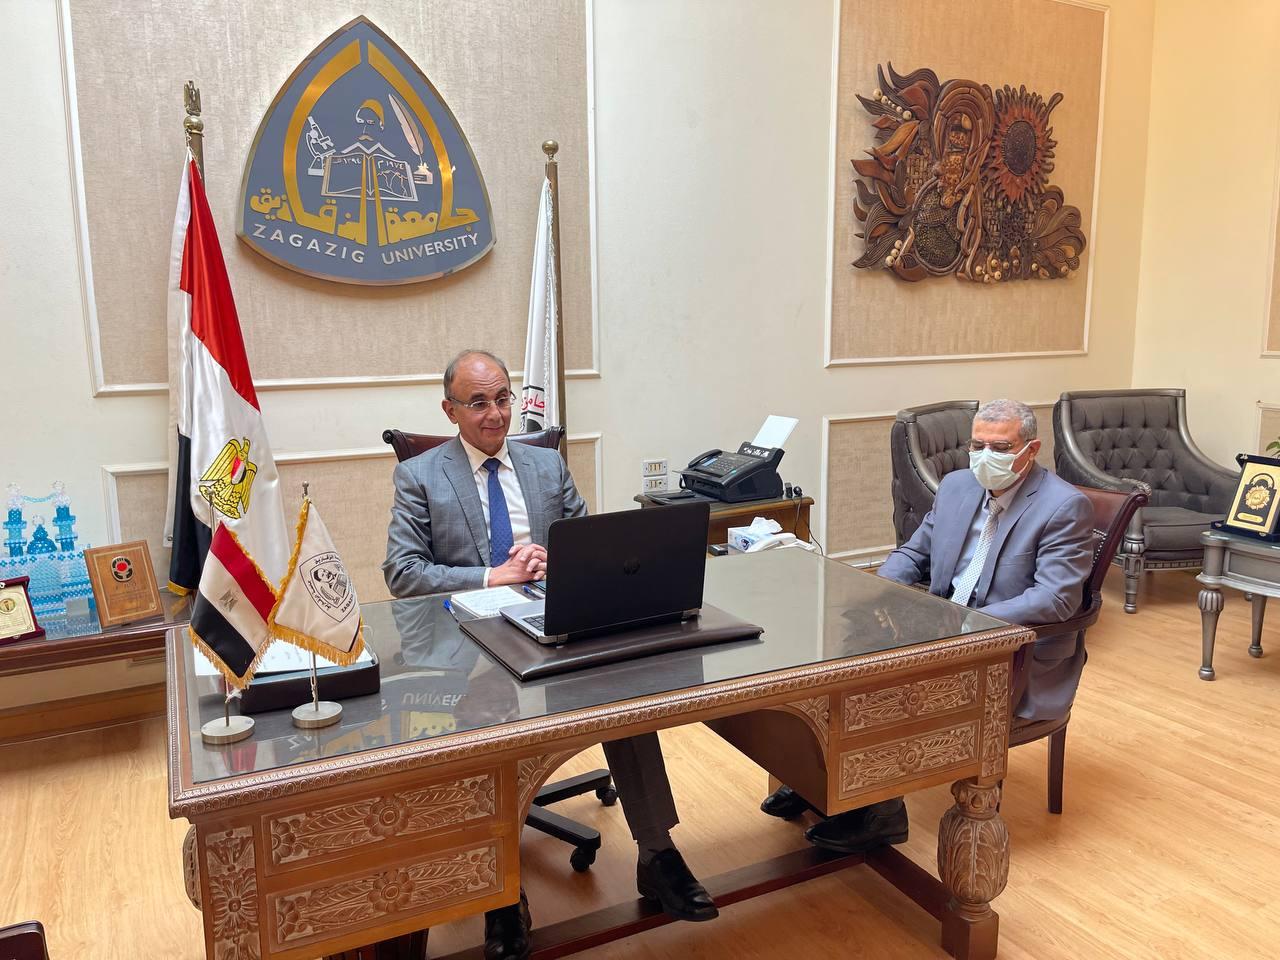 جامعة الزقازيق توقع بروتوكول تعاون مع وزارة الاتصالات لإنشاء مركز إبداع مصر الرقمية بالجامعة .